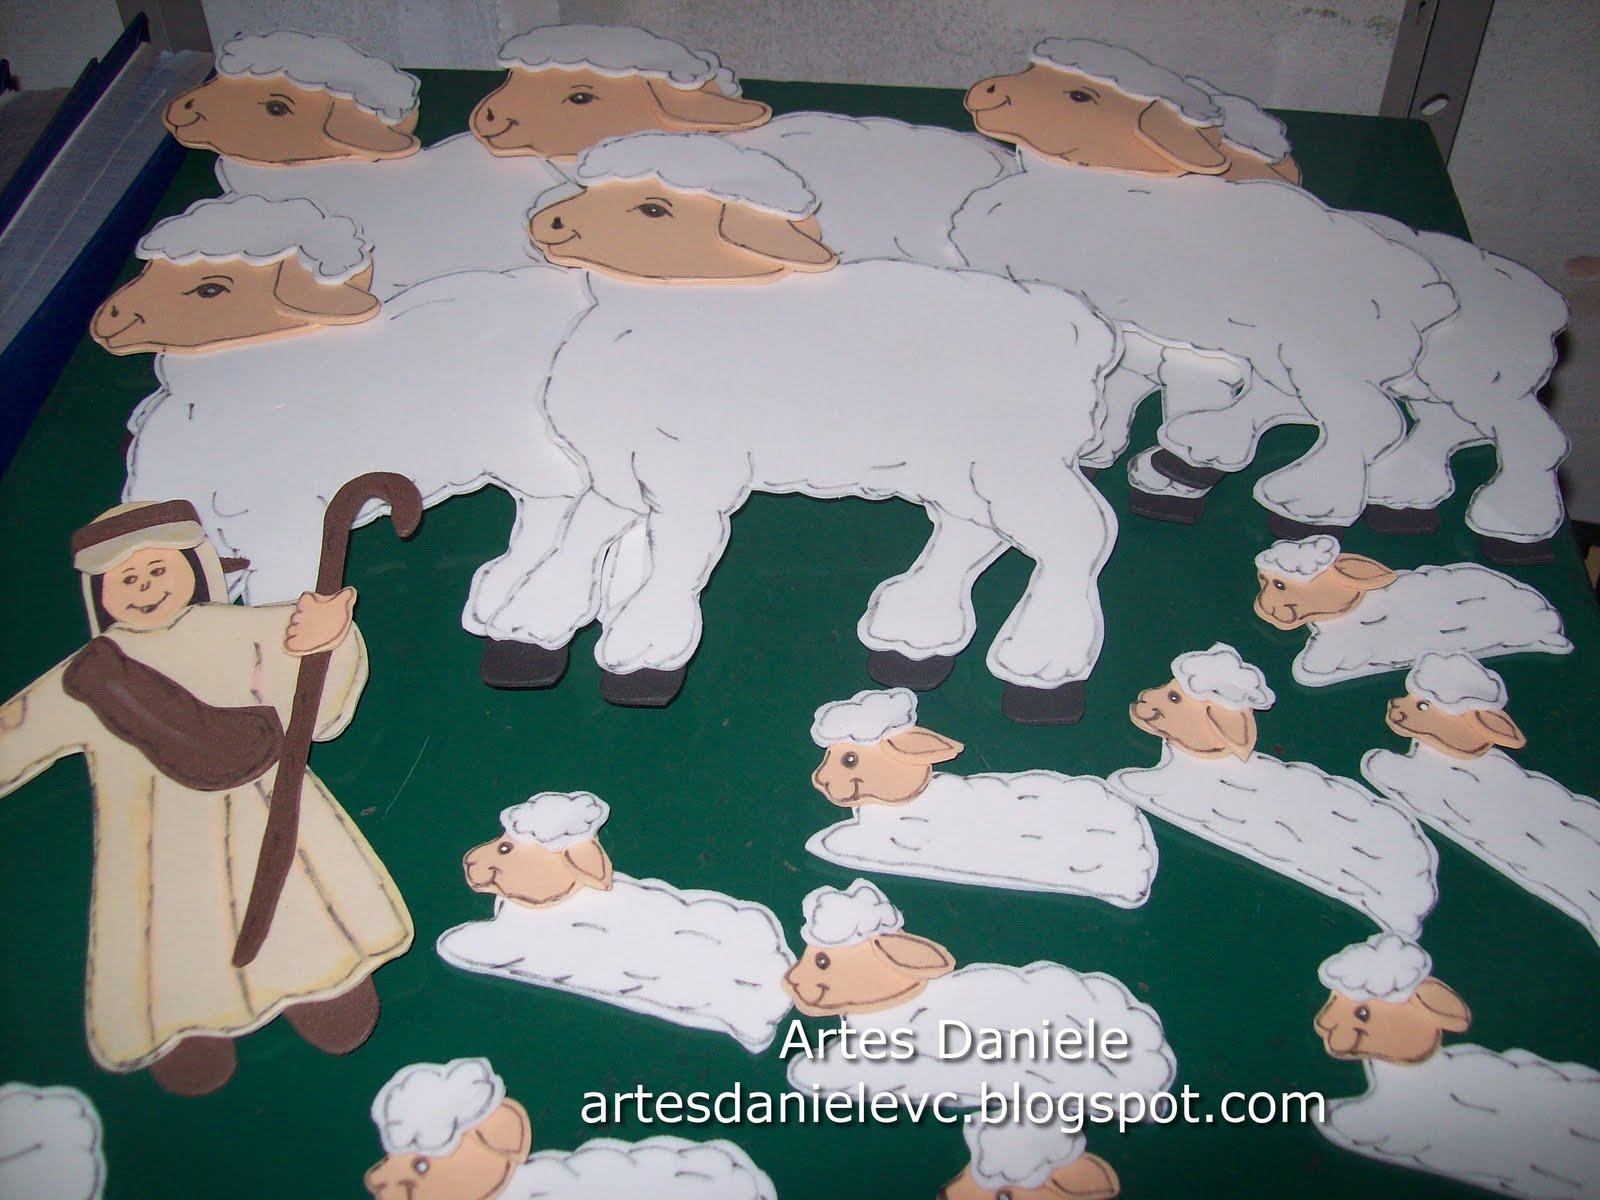 Artes daniele pastor e ovelhas em eva for Mural de isopor e eva